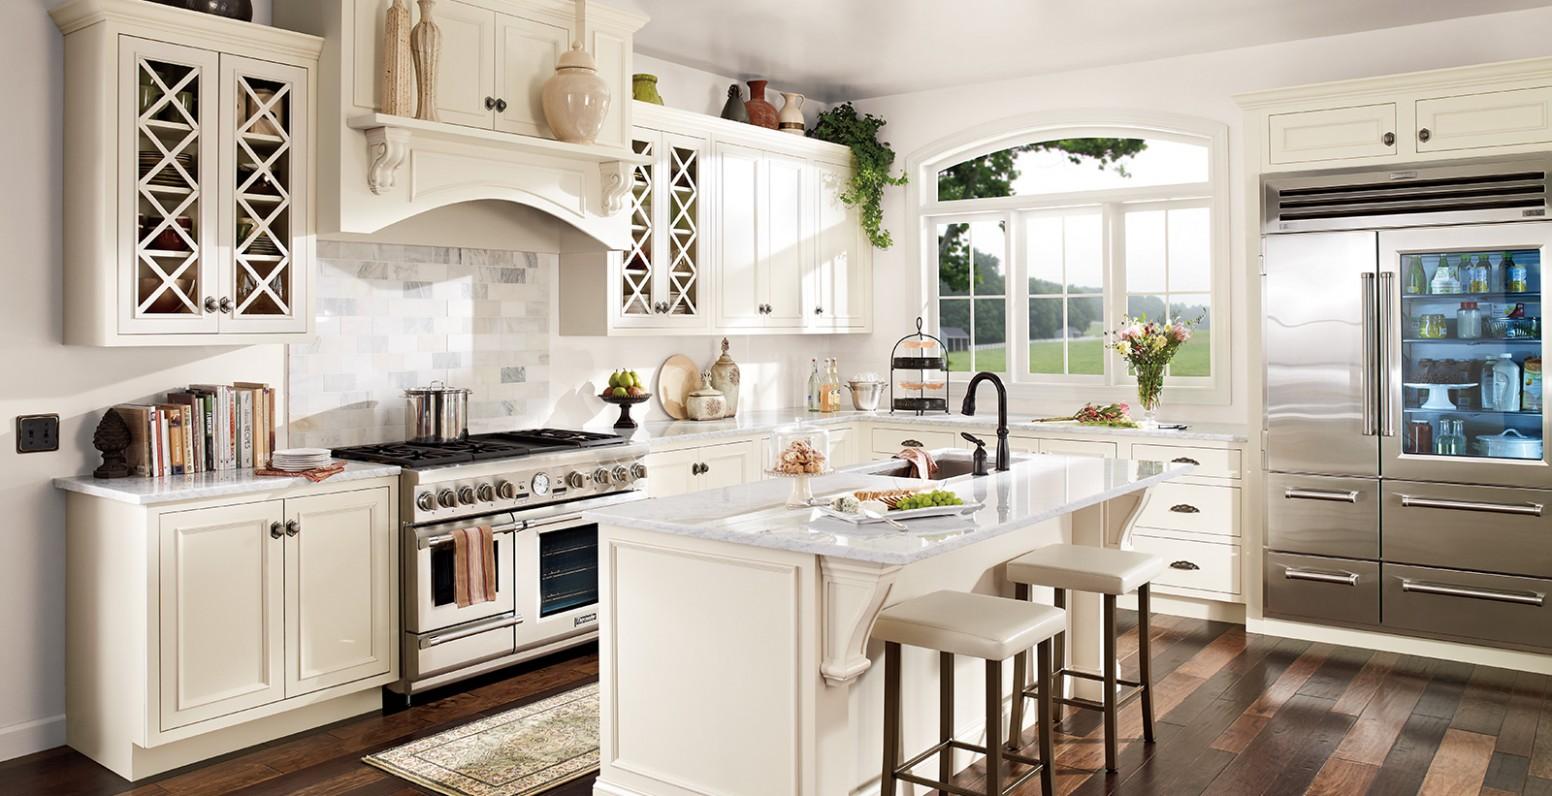 Brightened Kitchen  Classic Kitchen Gallery  Behr - Swiss Coffee Paint Kitchen Cabinets